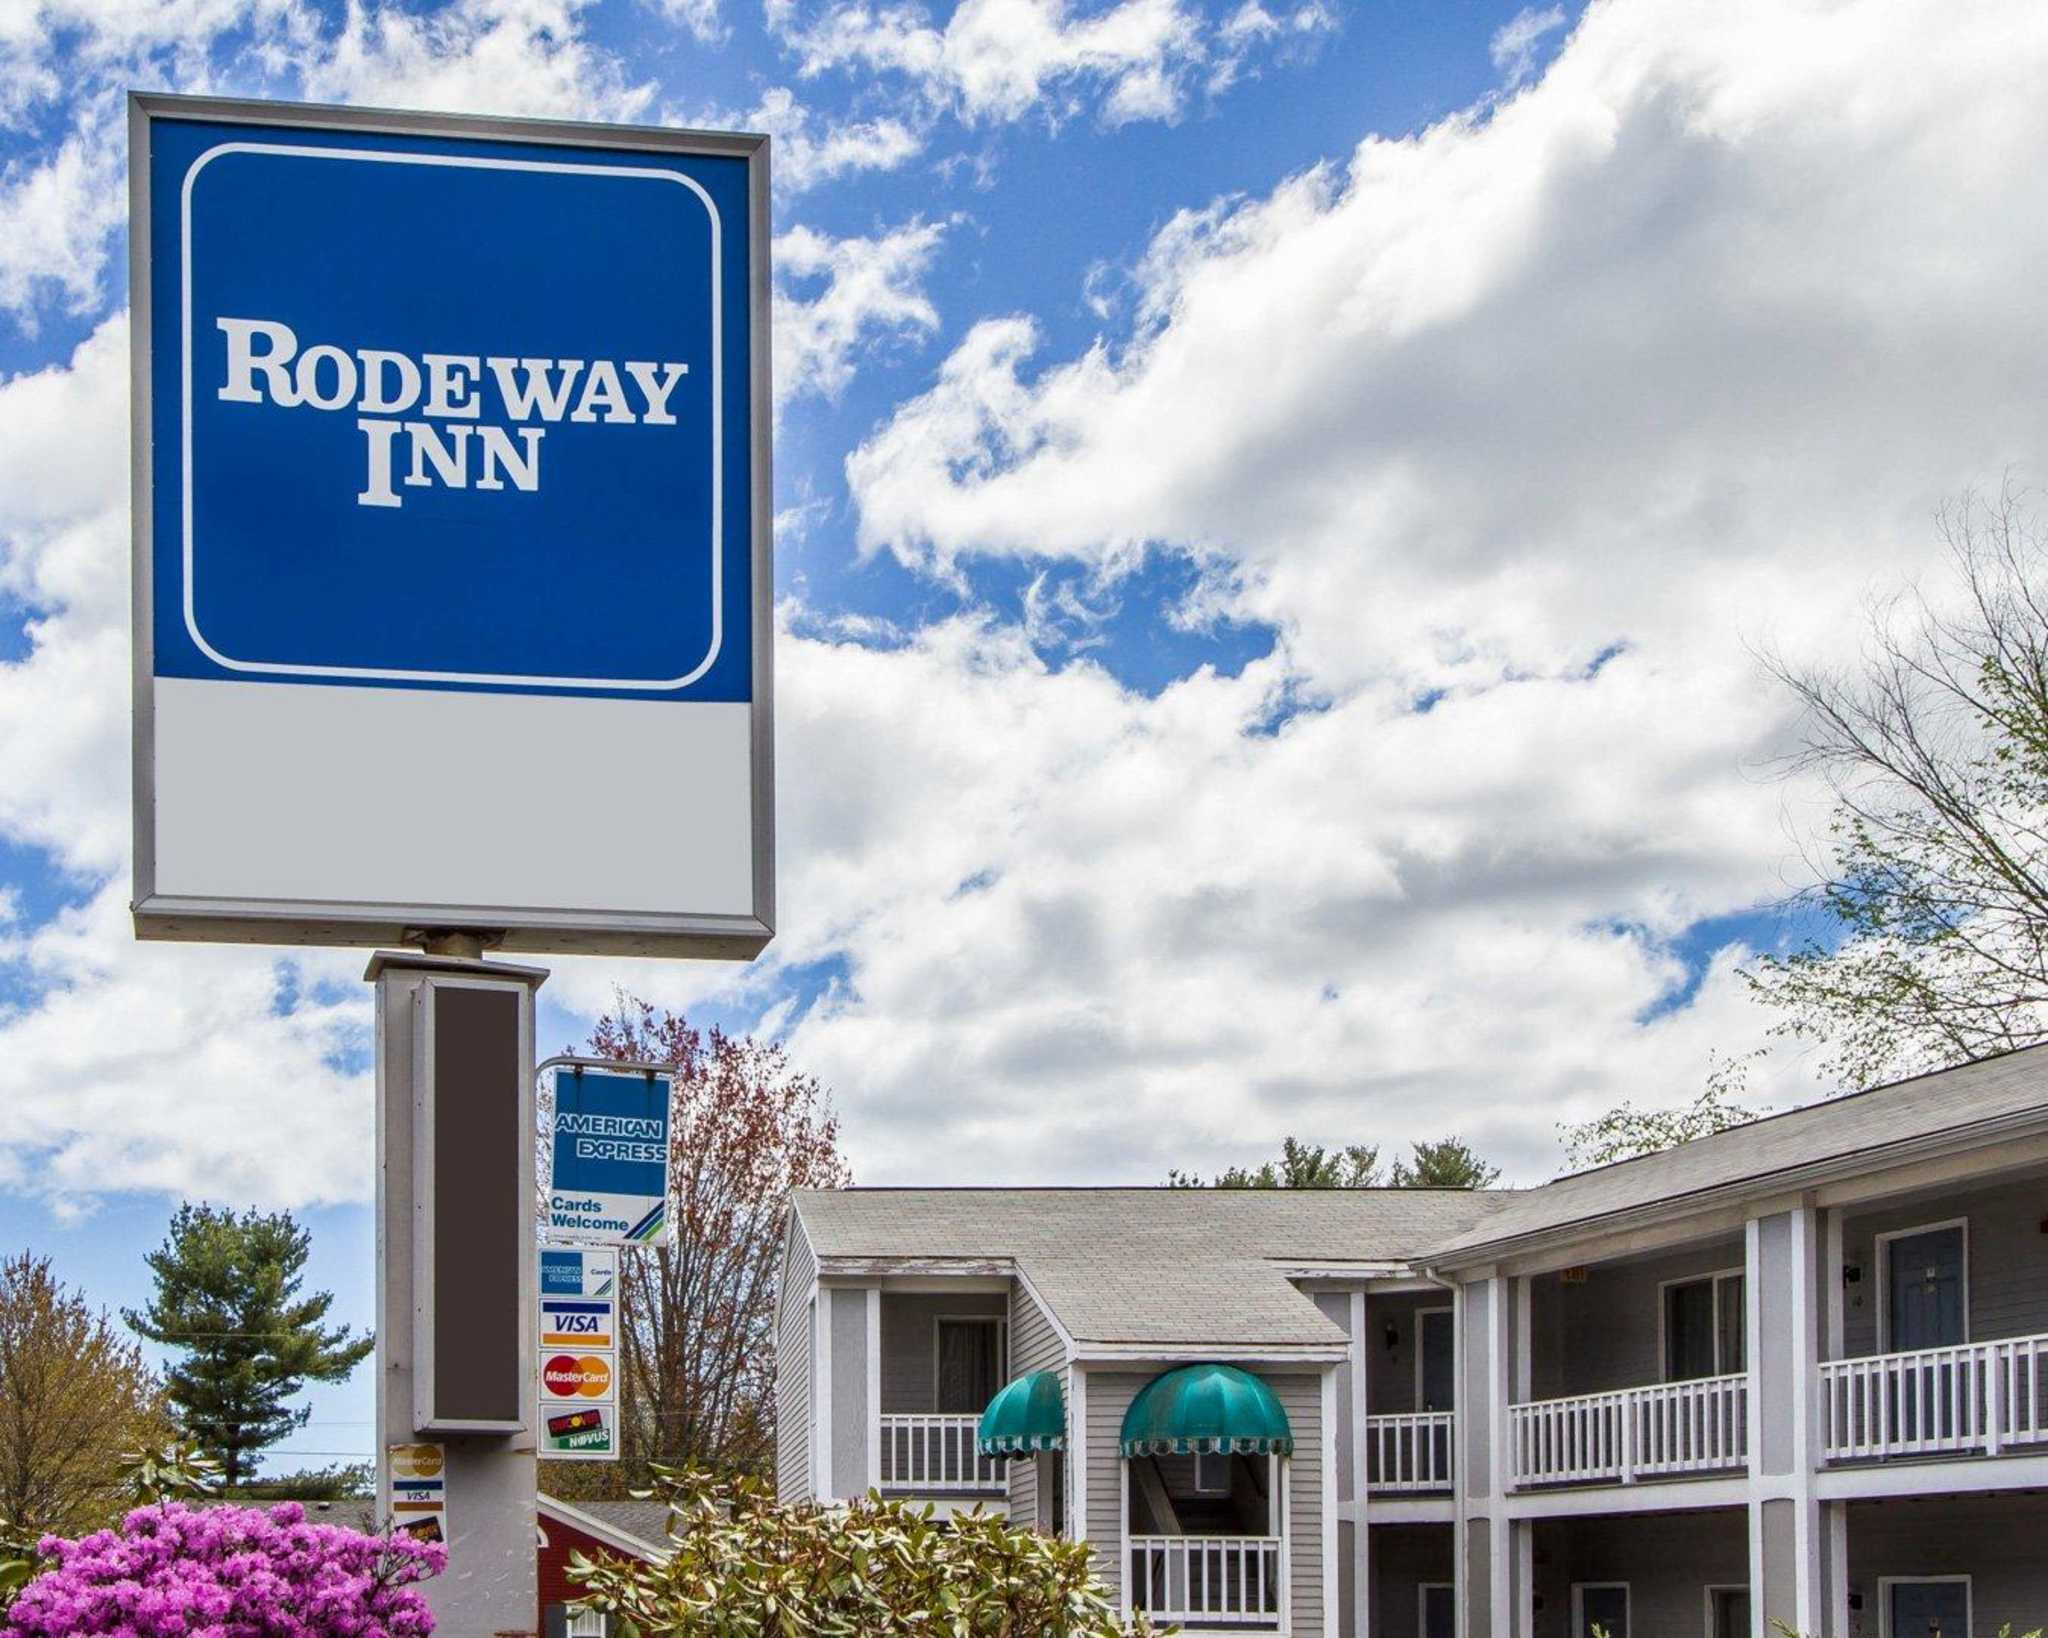 Rodeway inn business report